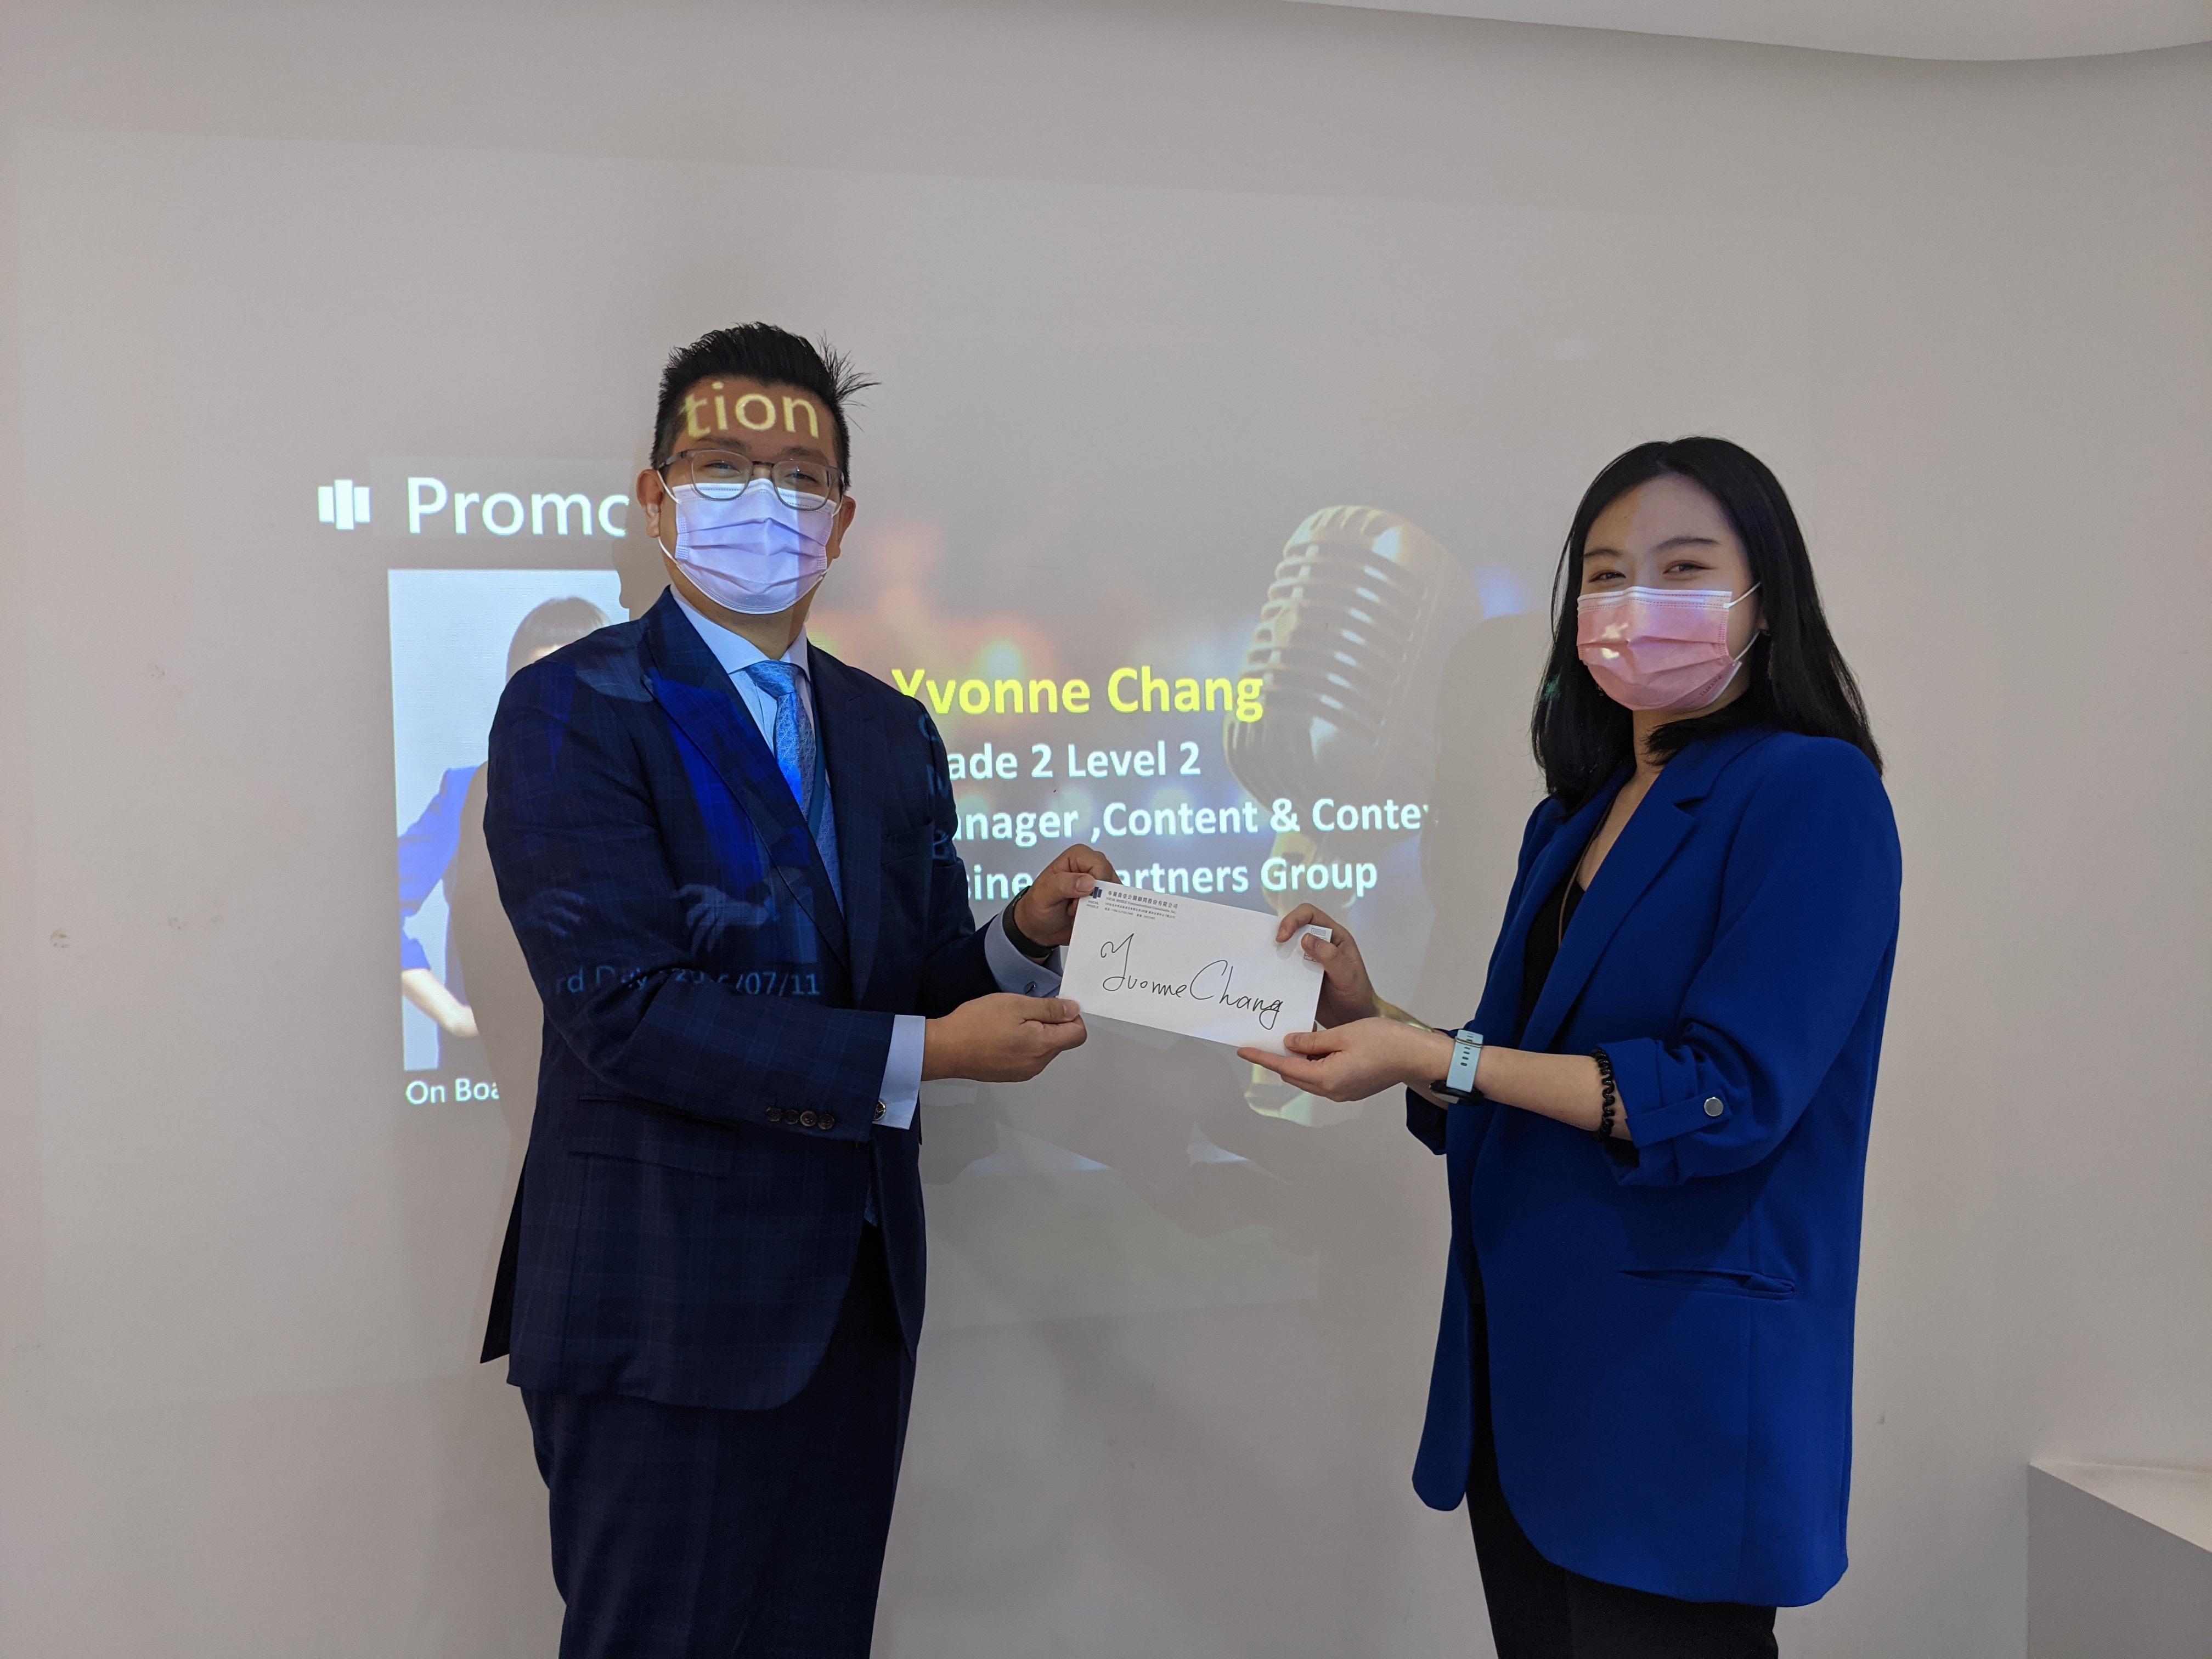 【人事快報】恭喜夥伴 Yvonne Chang  晉升策士事業群經理一職